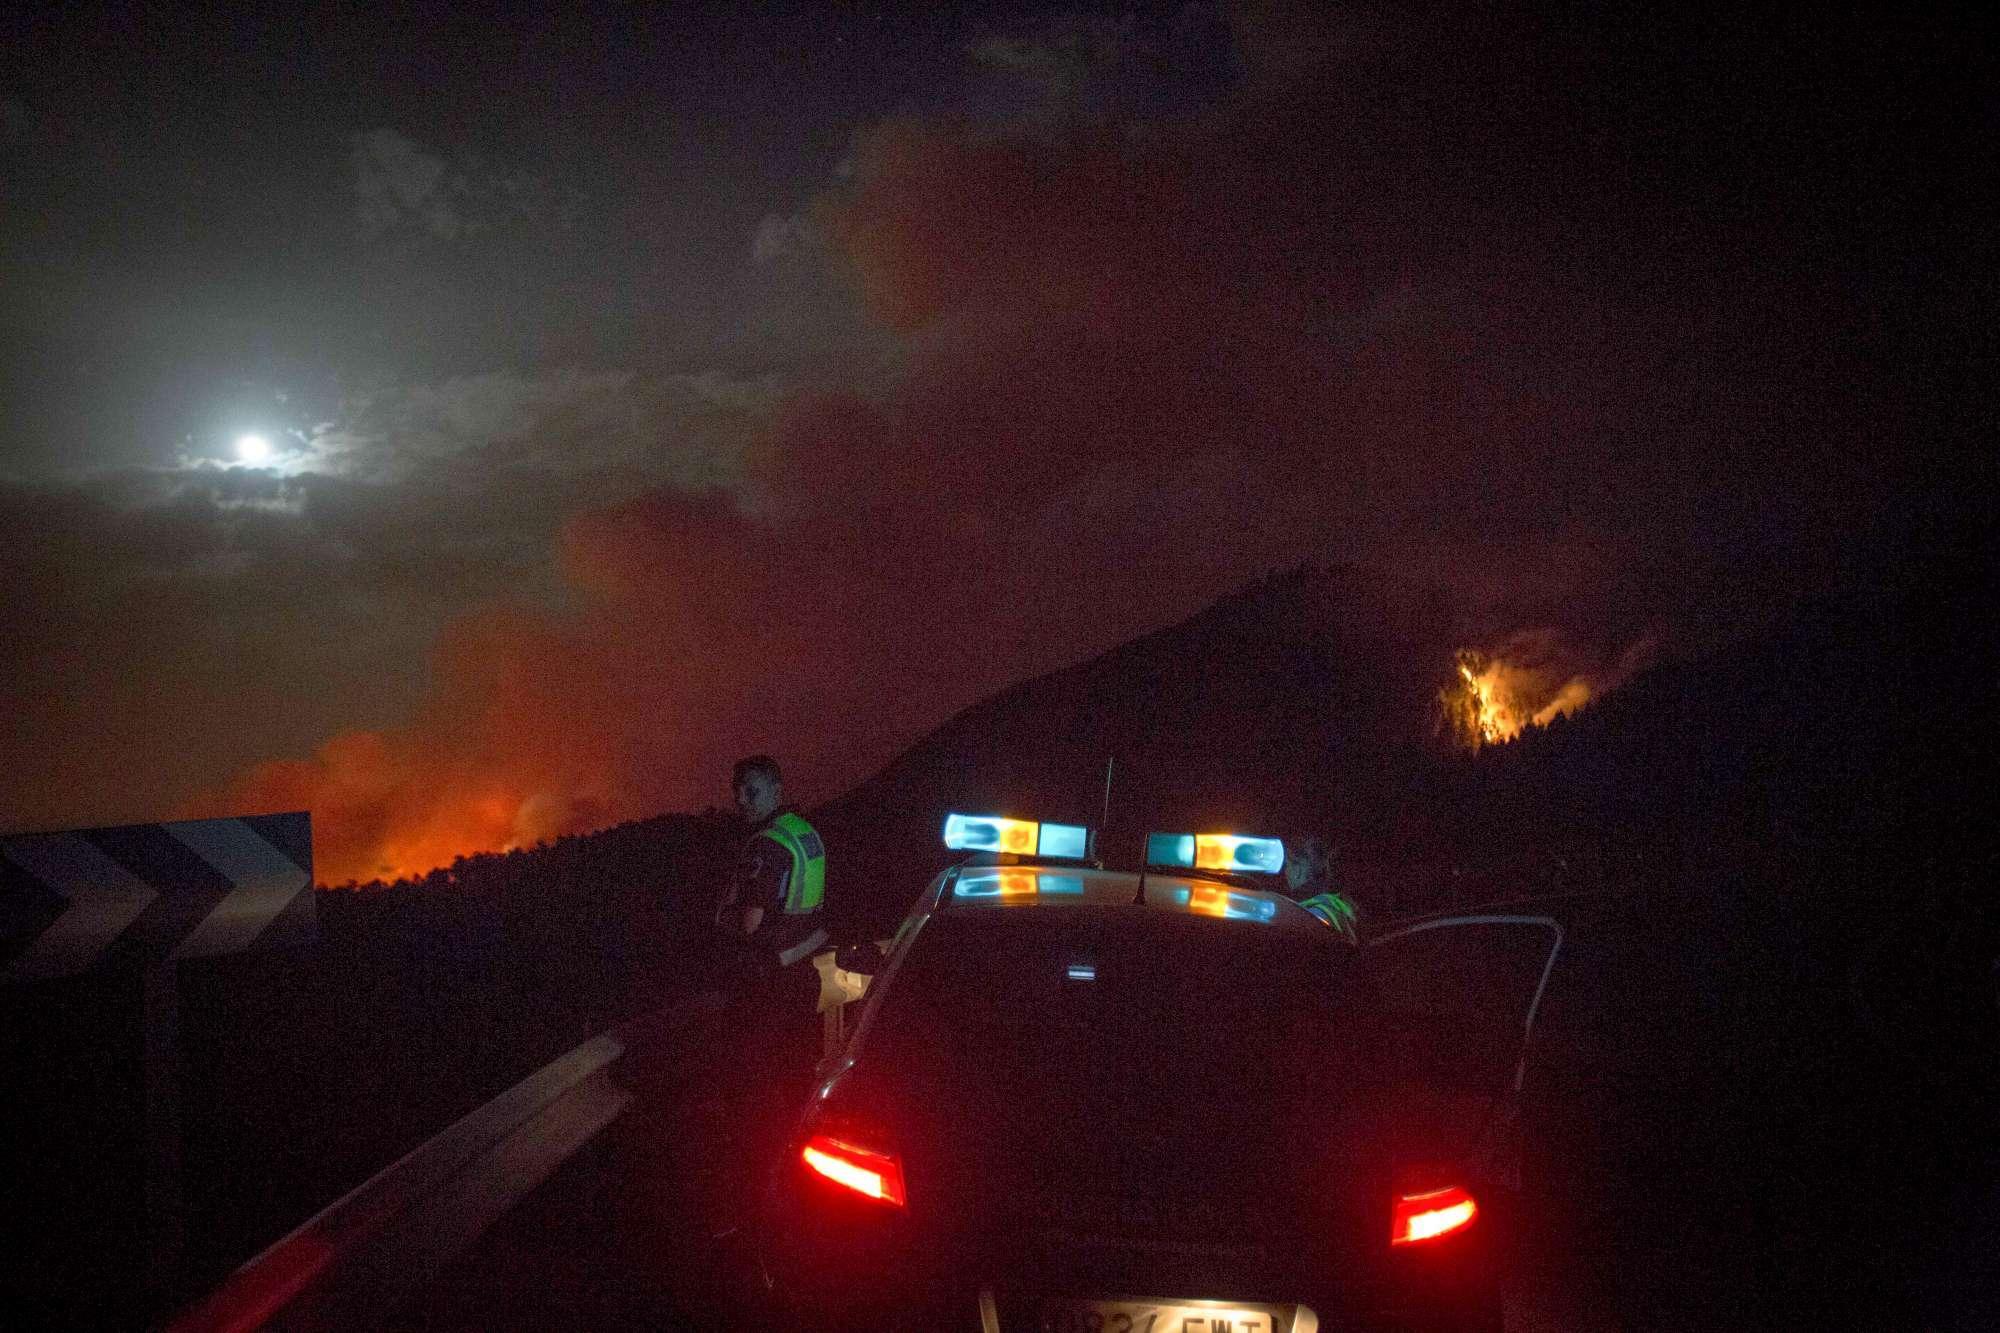 Spagna: evacuate 4mila persone causa incendio. I dettagli sull'estensione del rogo